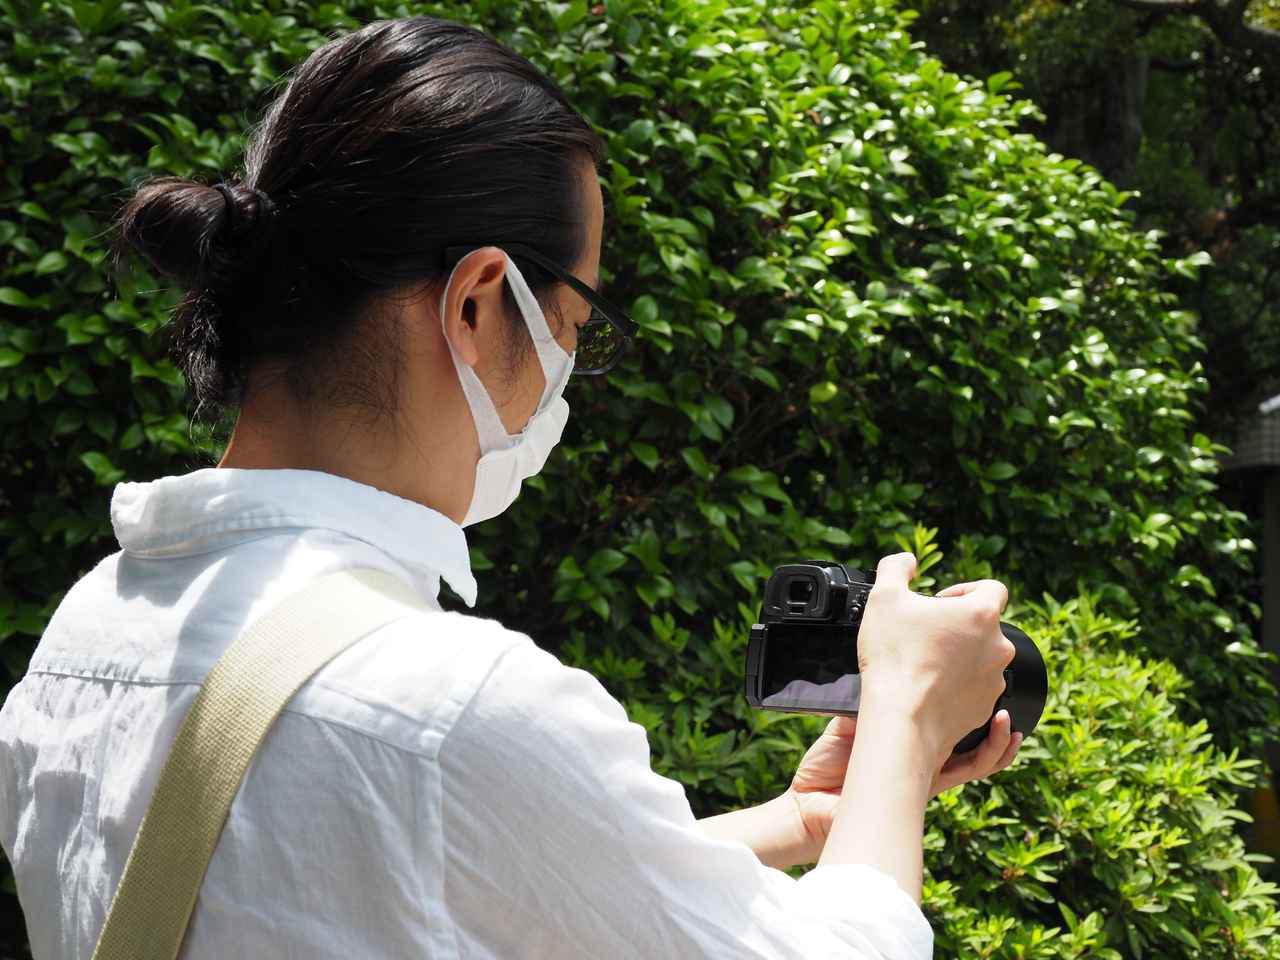 画像: トヨ魂 電子版 件のムックにて「パナはm4/3と静止画はもう捨てている」なんて見出しを付けてすいません! 捨てたのは「静止画だけ」でした。お詫びのシルシにトヨタくんが絶賛します! パナソニック LUMIX GH5 M2!!! ○撮影・解説:豊田慶記 - Webカメラマン